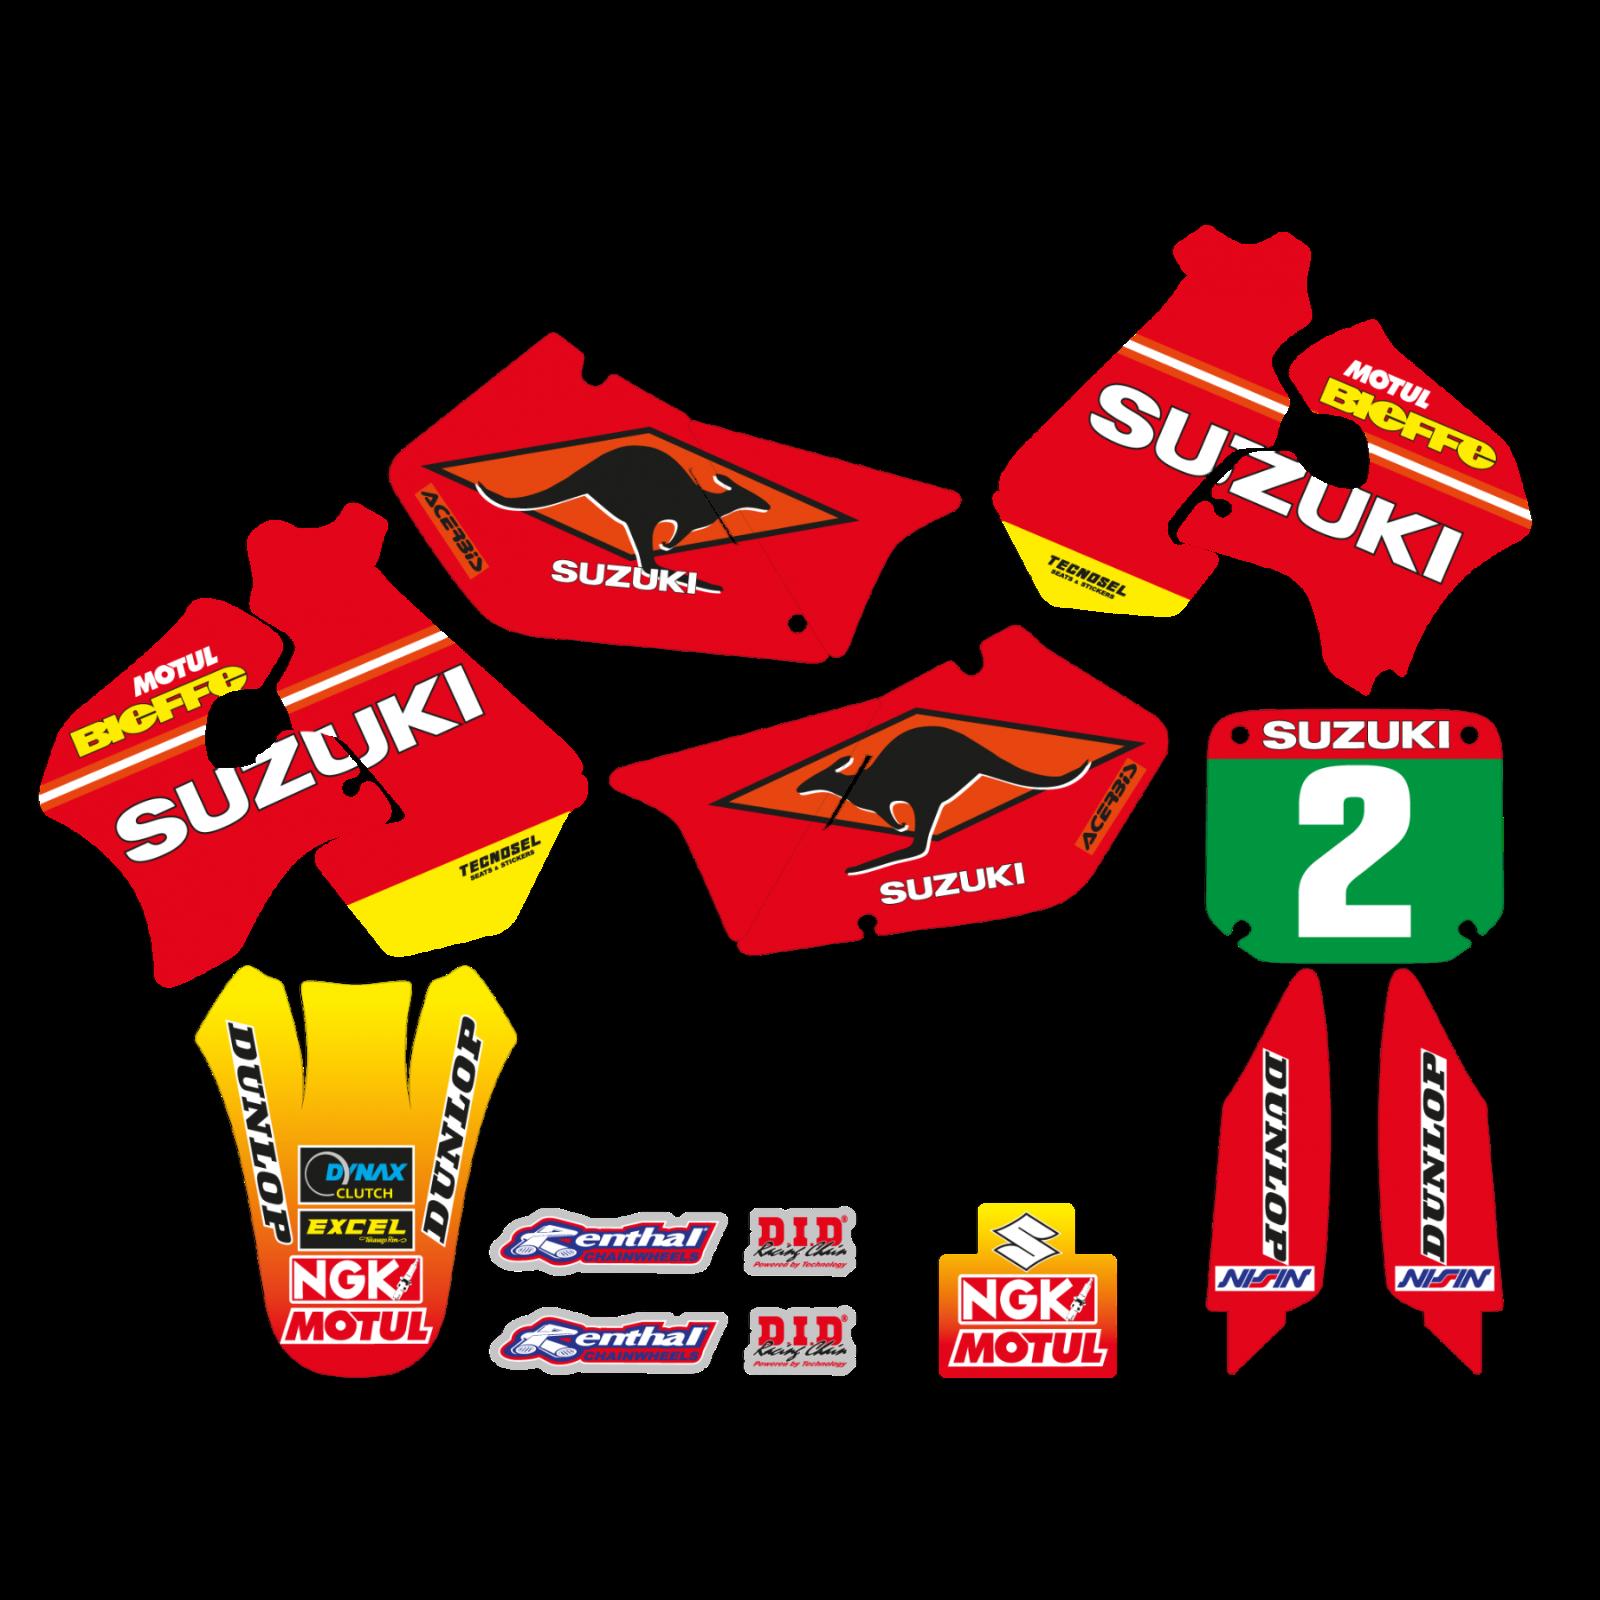 adesivi grafiche Suzuki Rm 125 250 1998 1996 1997 kit completo team moto cross